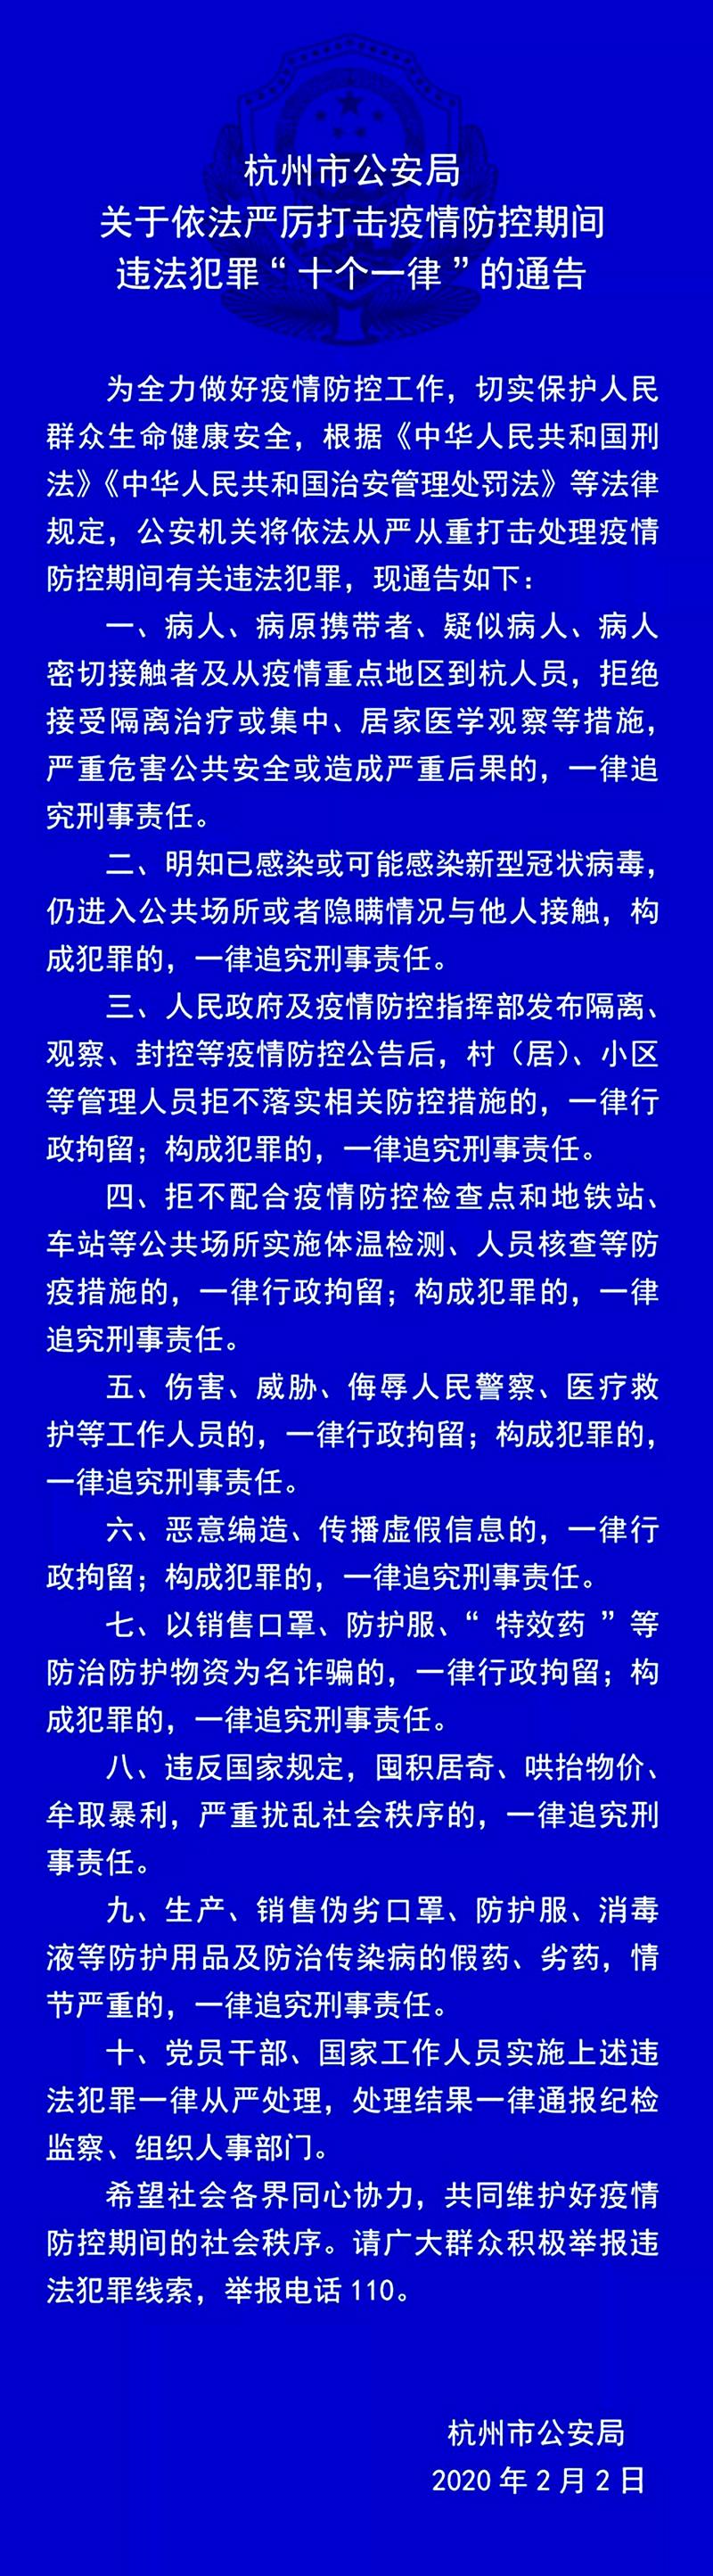 Viêm phổi Vũ Hán: Hàng Châu ra lệnh phong tỏa thành phố, ban hành '10 quy tắc' vô cùng cứng rắn (ảnh 2)